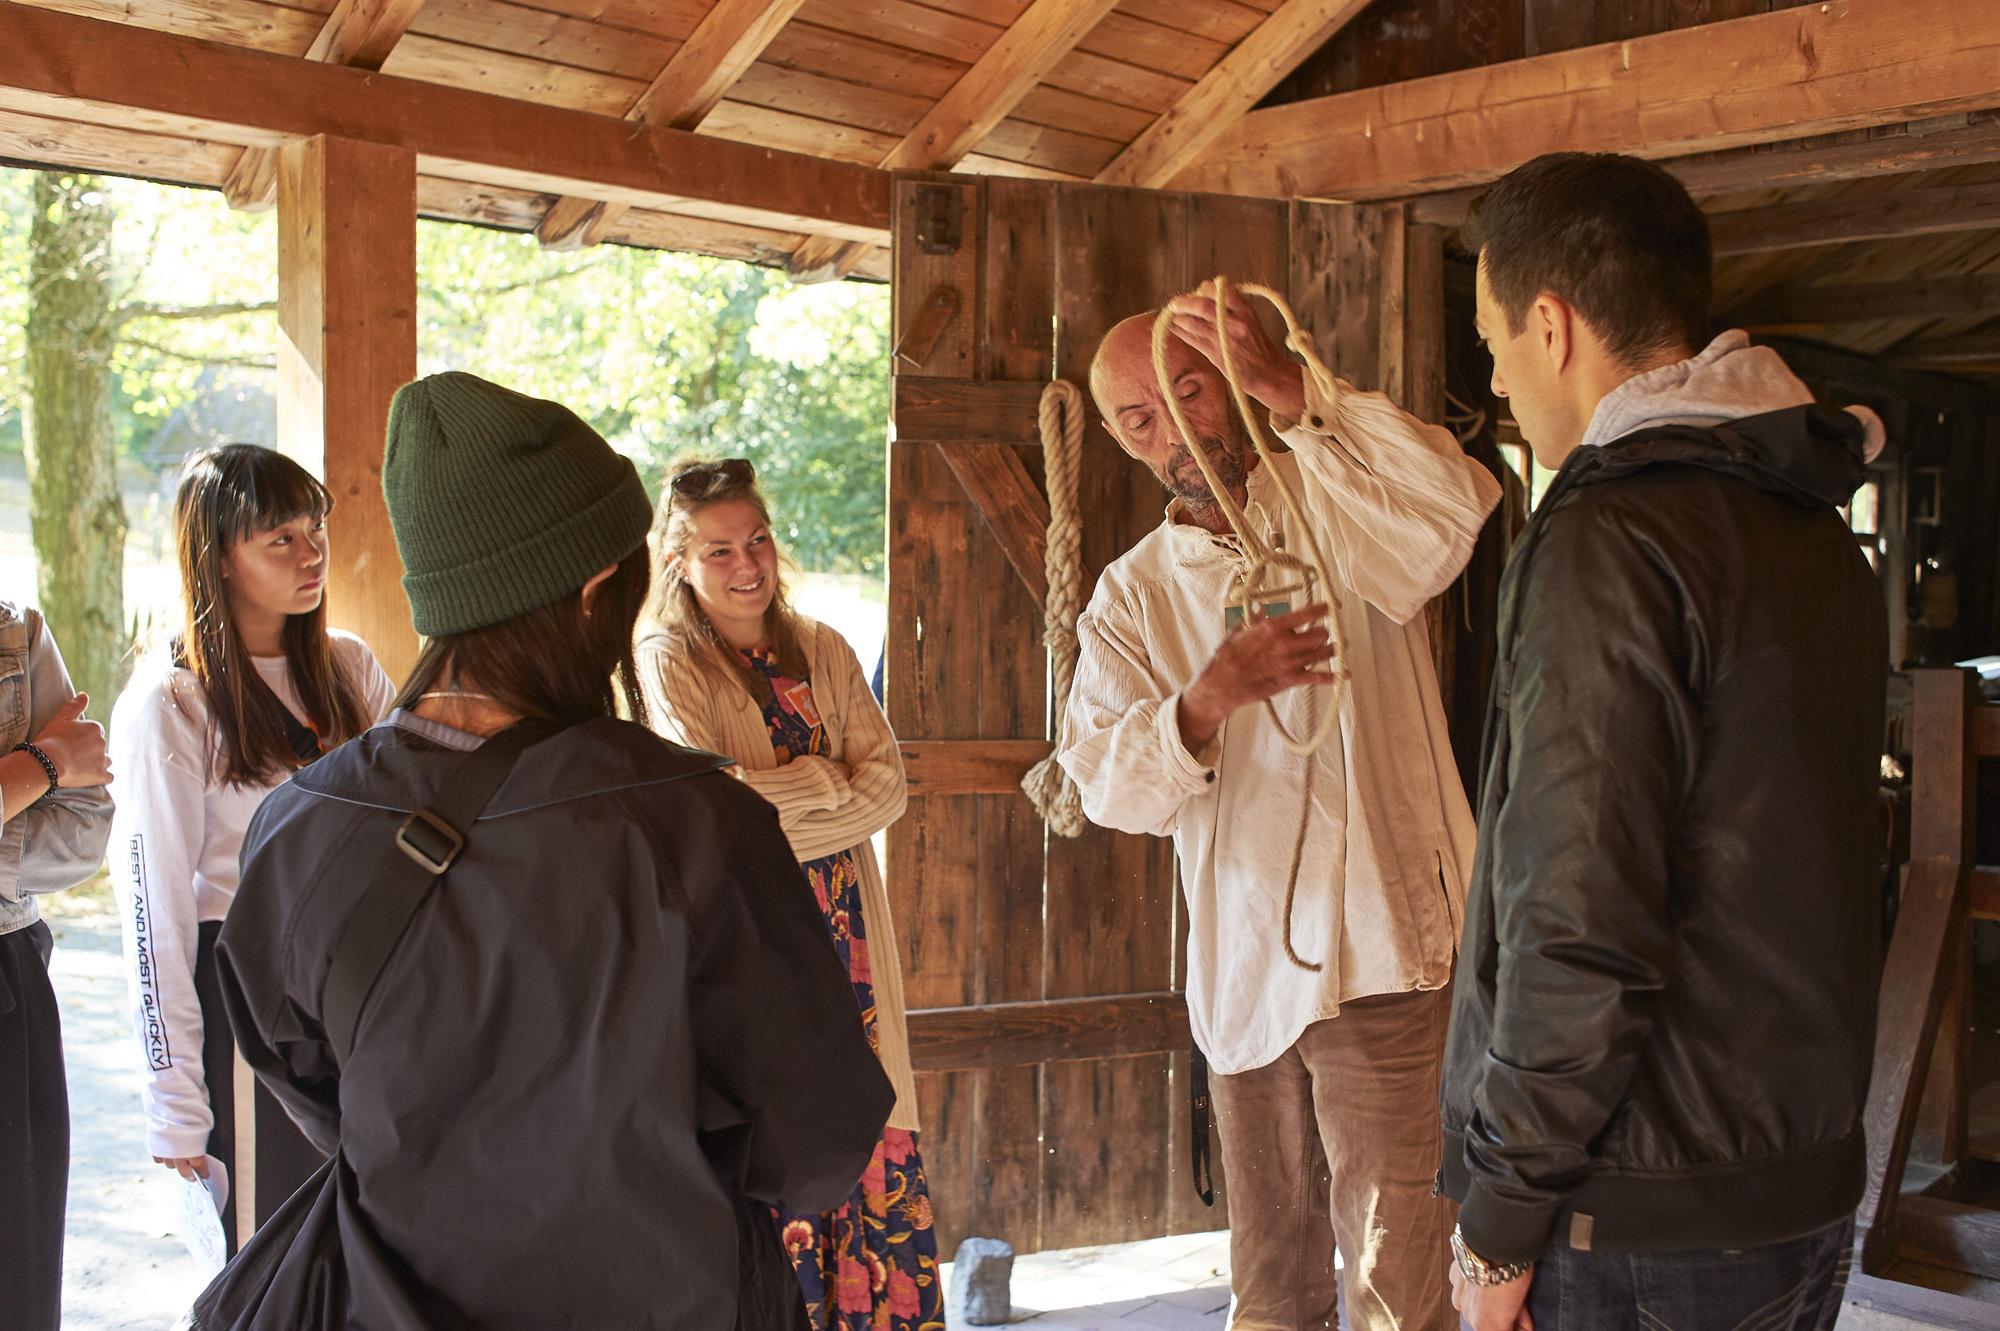 Der Vorführhandwerker in der Seilerei aus Gießen zeigt die Verwendung des gerade hergestellten Seiles. Um ihn herum versammeln sich etwa fünf interessierte Zuschauer.